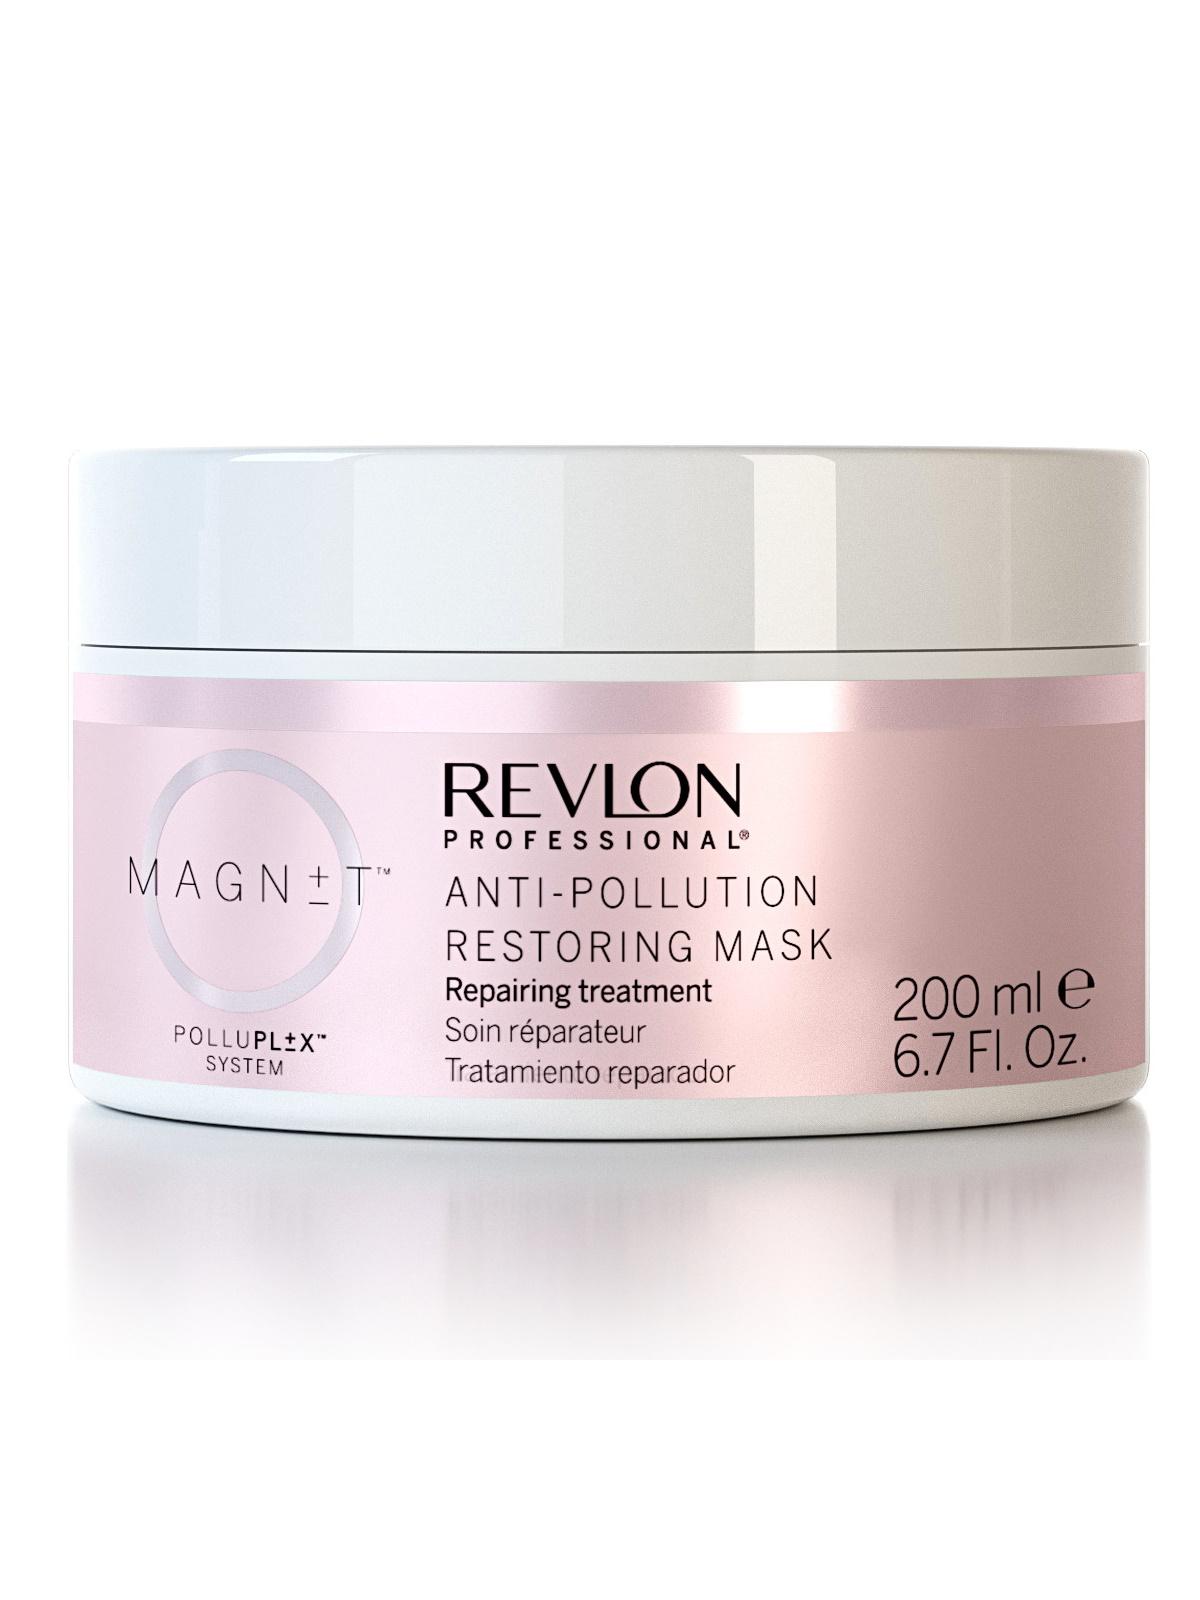 Купить Маска MAGNET для восстановления волос REVLON PROFESSIONAL 200 мл